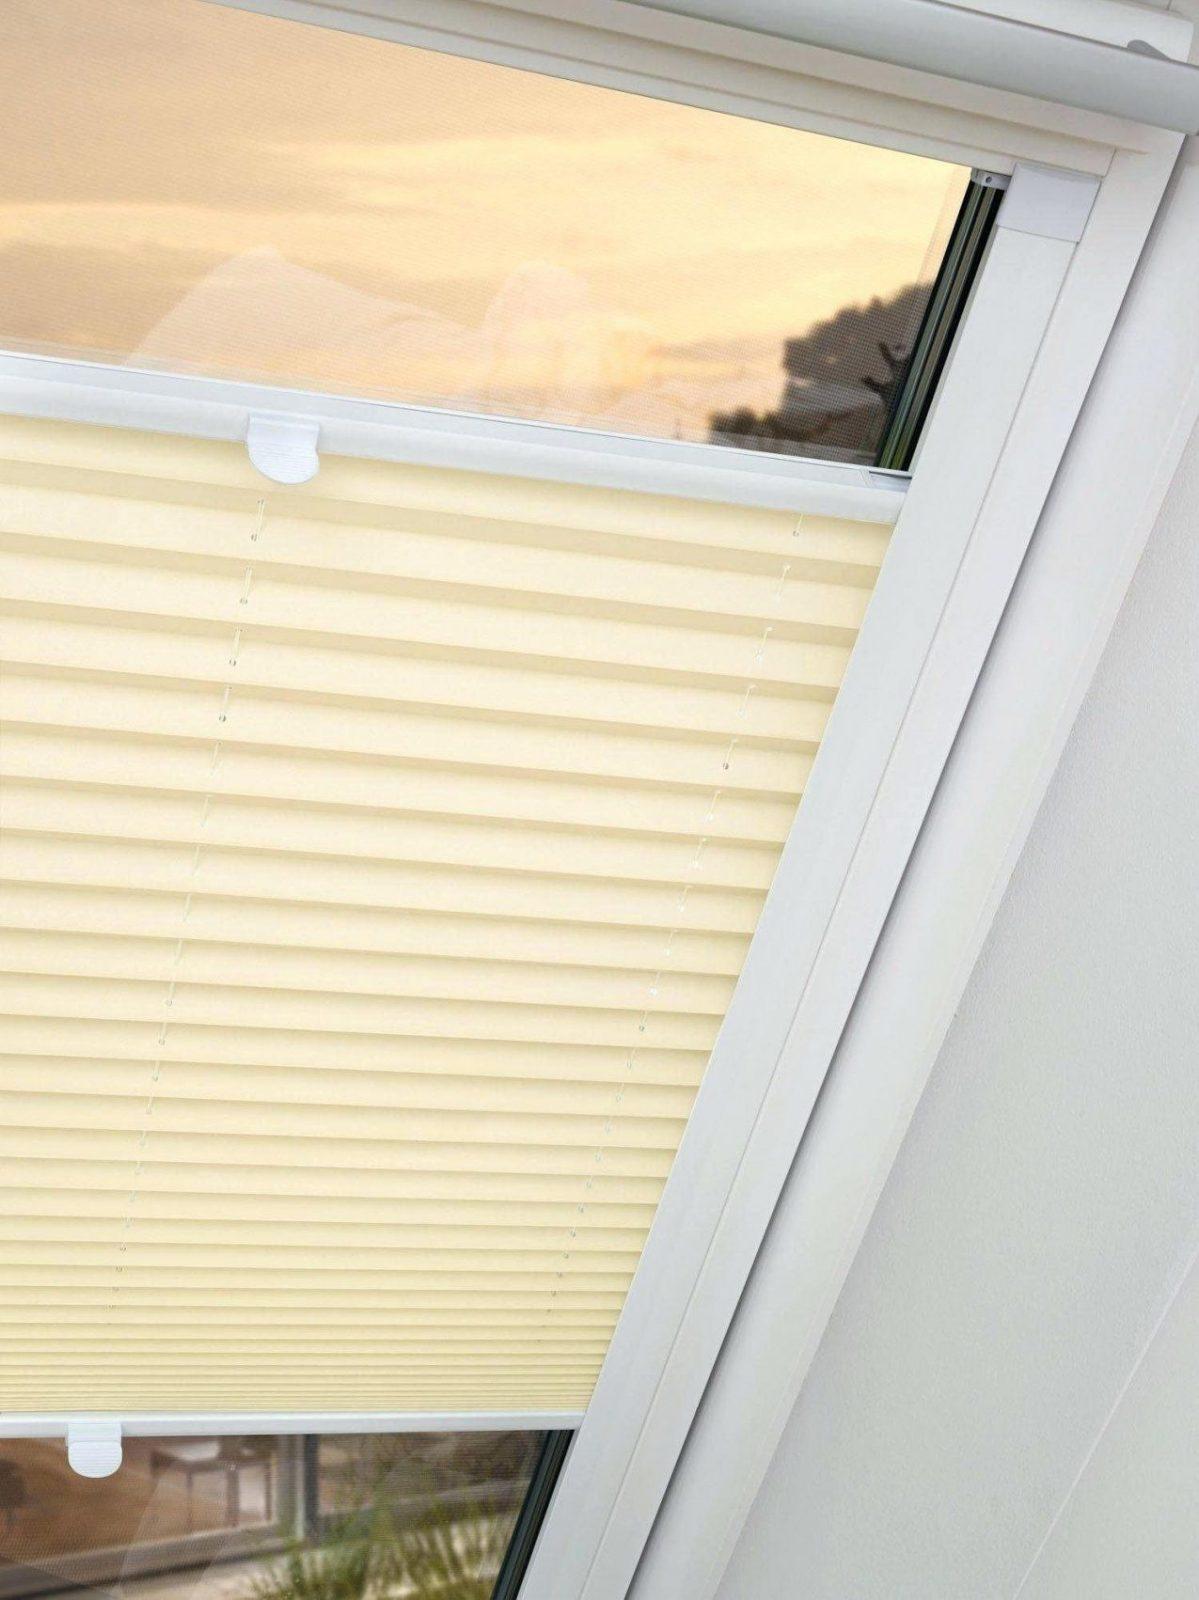 Dachfenster Plissee Ohne Bohren Plissee Dachfenster Ohne Bohren von Velux Dachfenster Plissee Ohne Bohren Bild